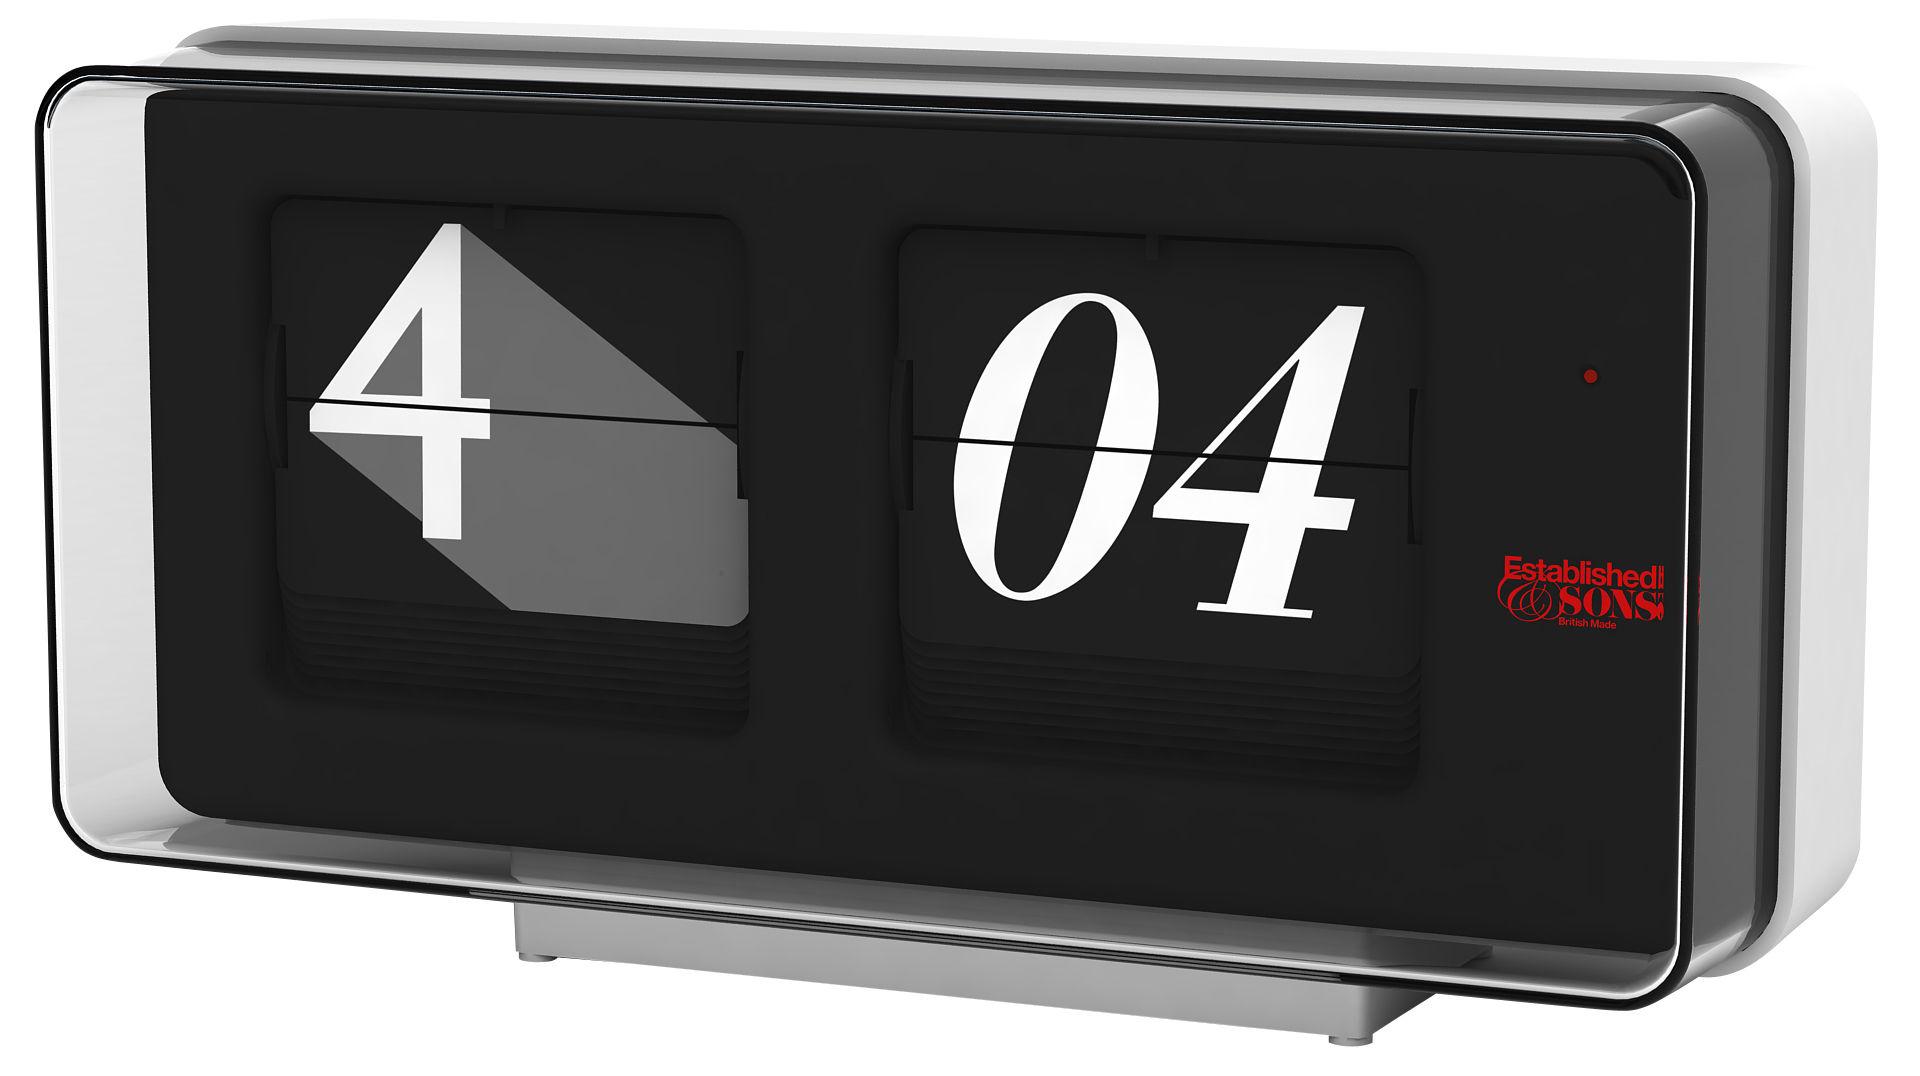 Interni - Orologi  - Orologio murale Font Clock di Established & Sons - Nero / bianco 29 x 14 cm - ABS, Vetro